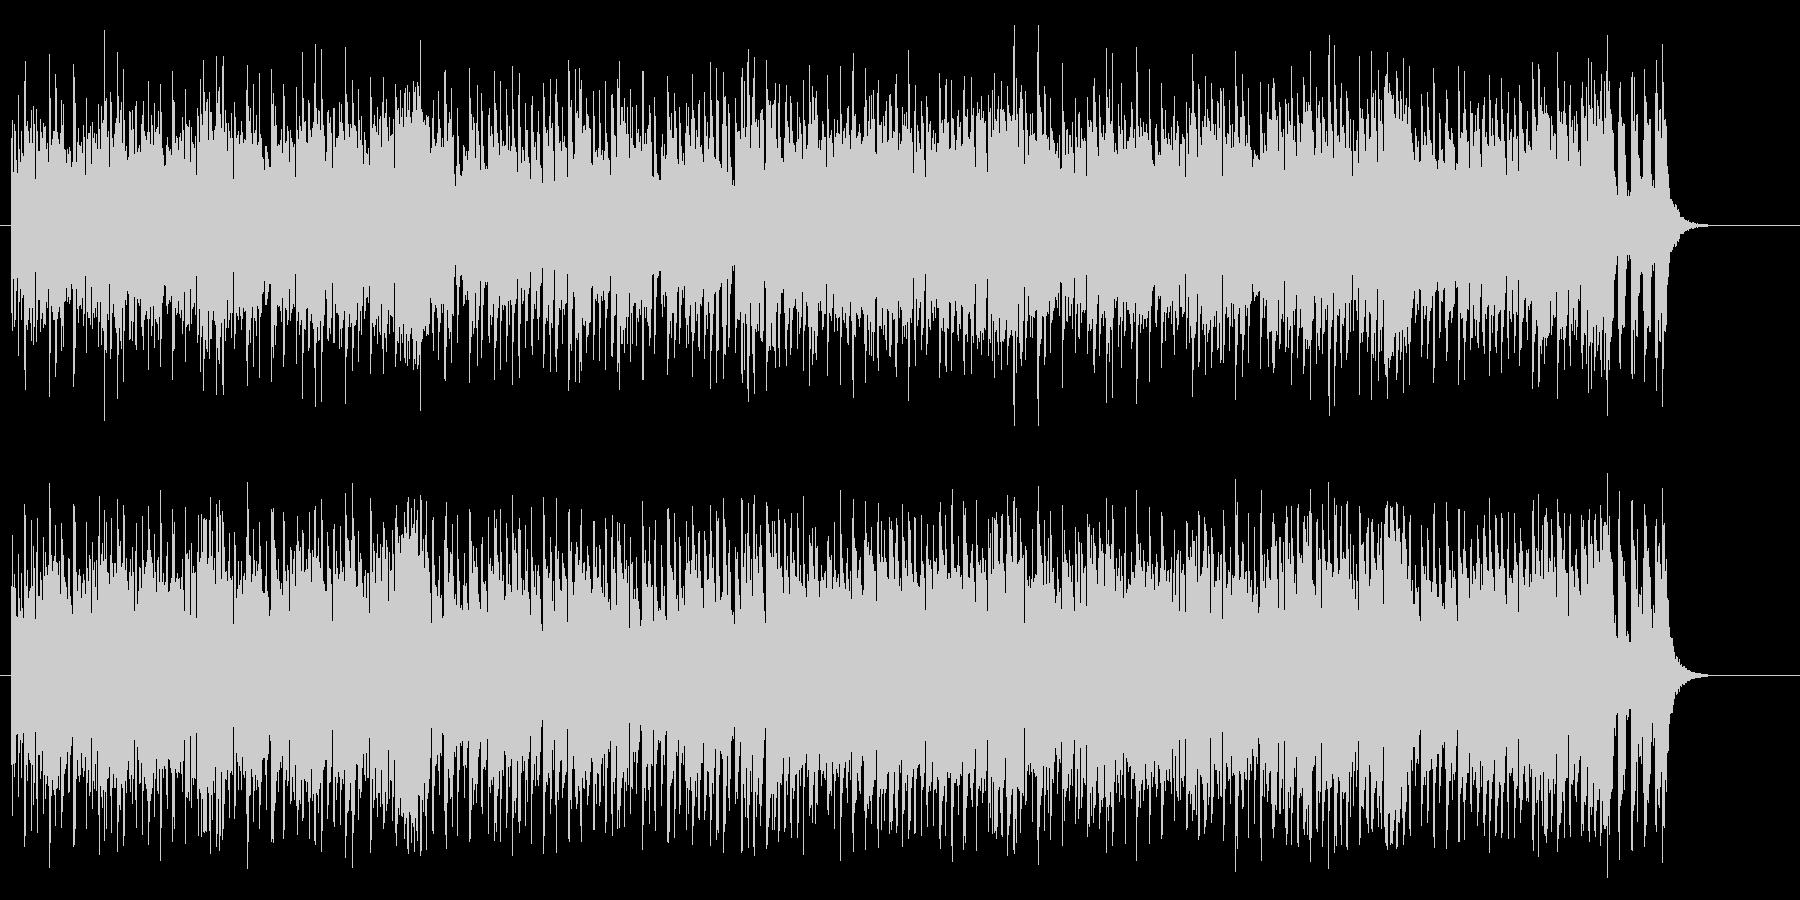 コミカル・タッチの軽快なポップスの未再生の波形